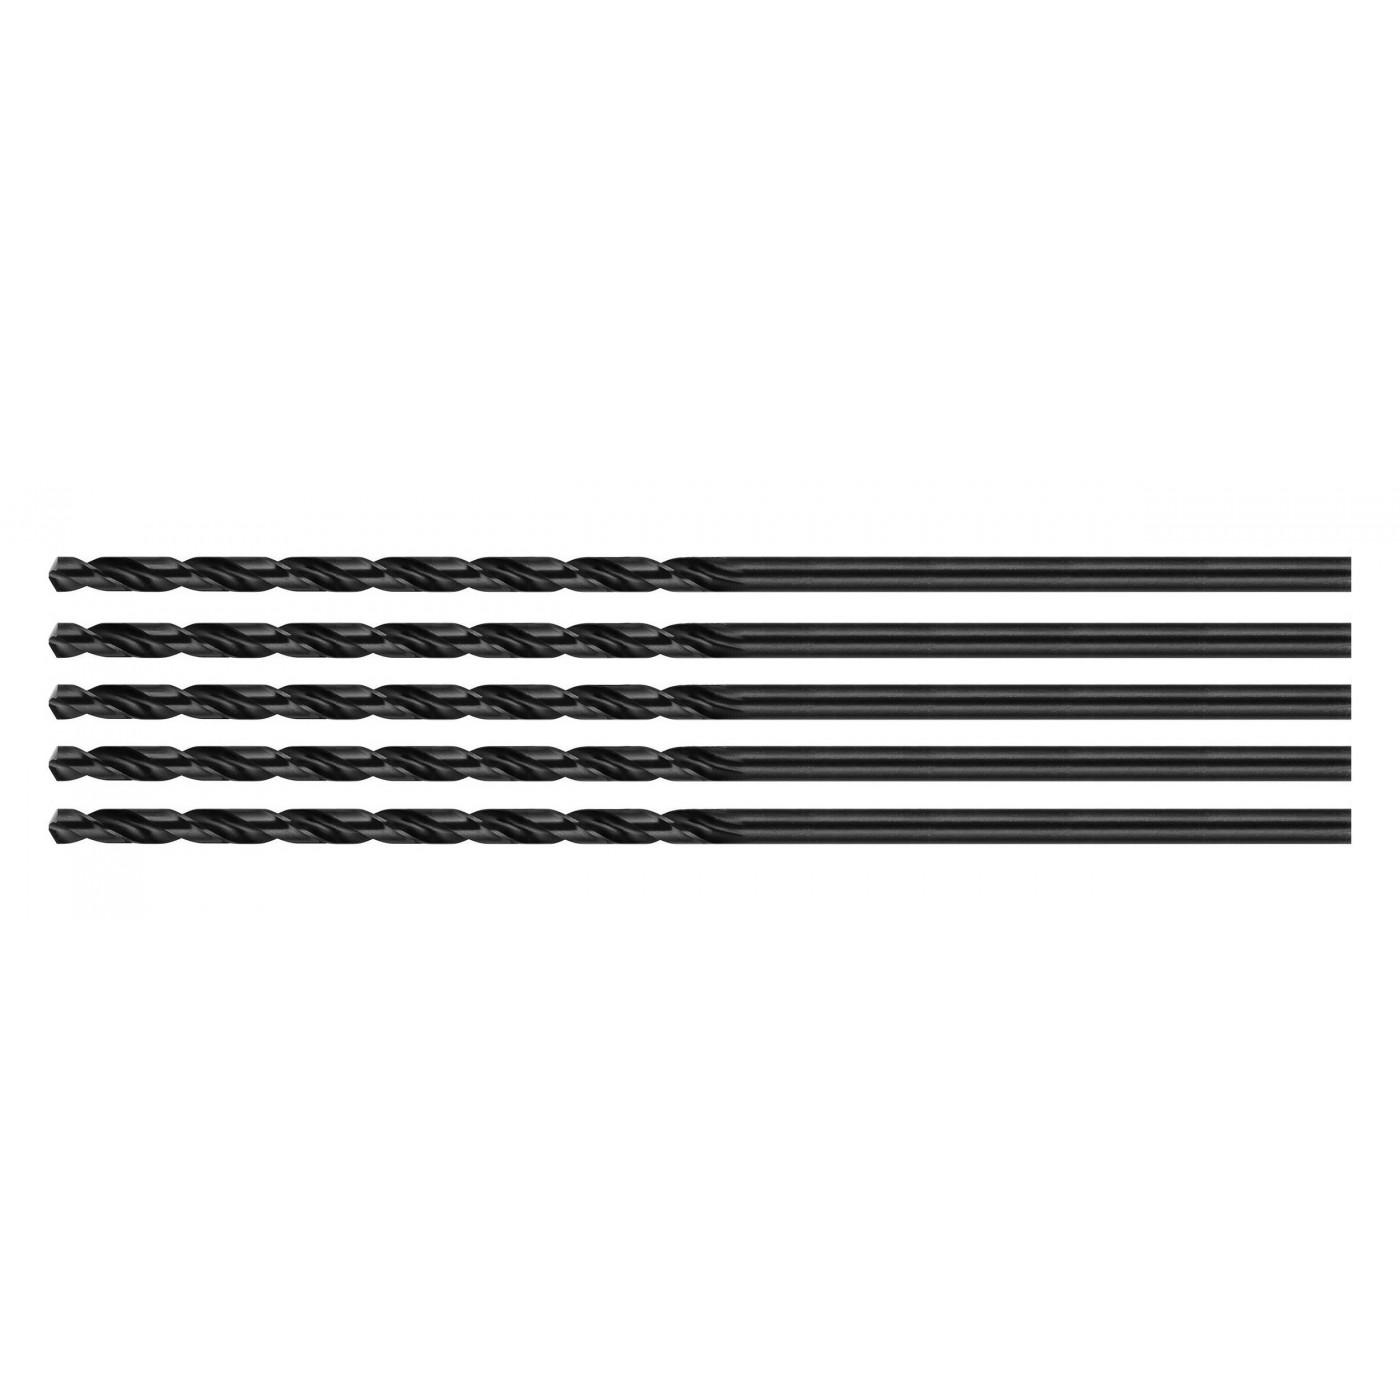 Set van 5 metaalboren (HSS, 4.2x75 mm)